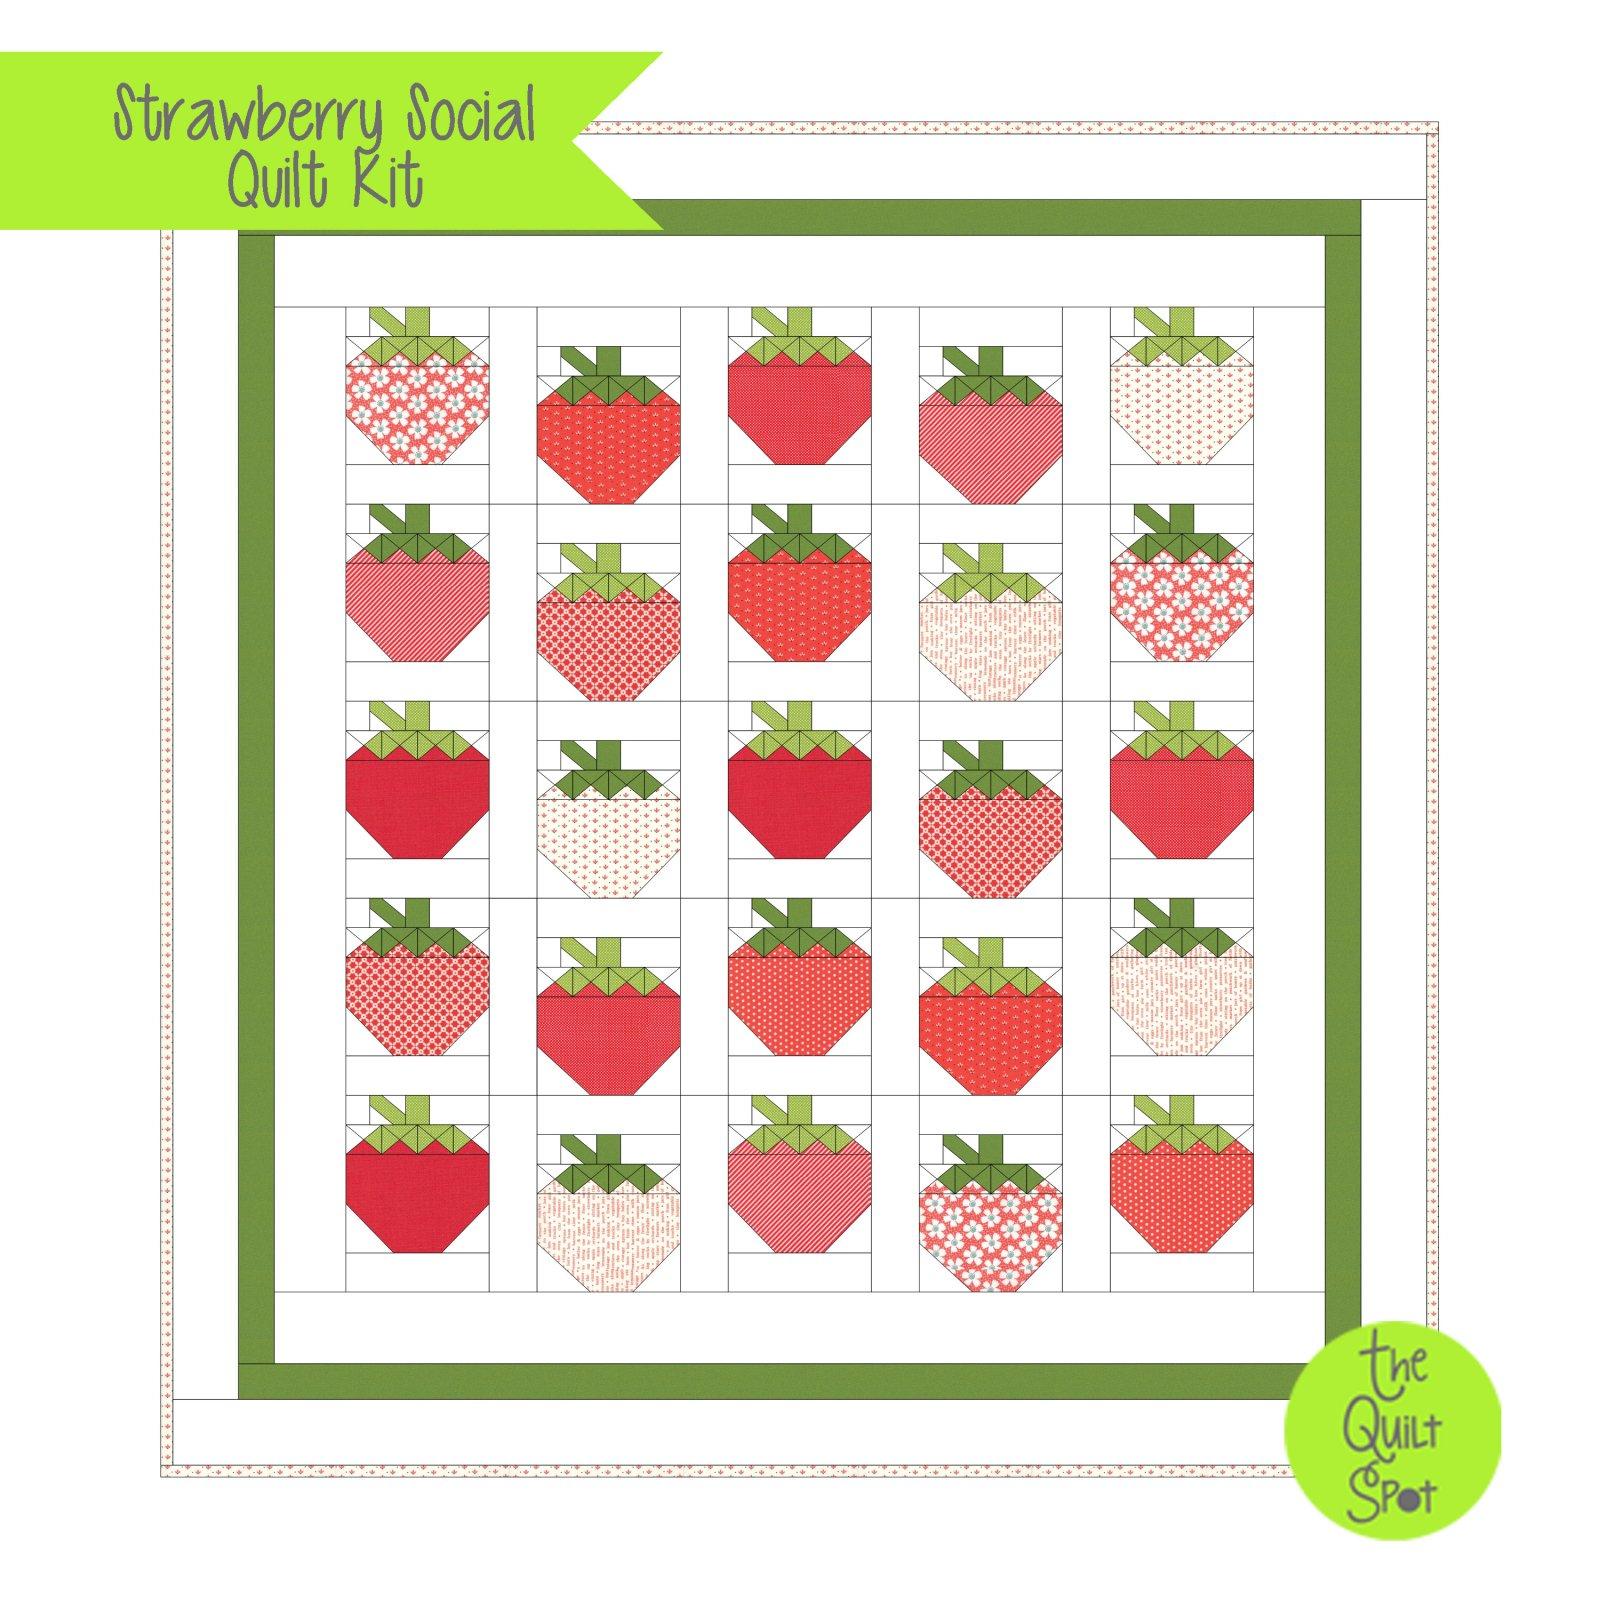 Strawberry Social Quilt Kit